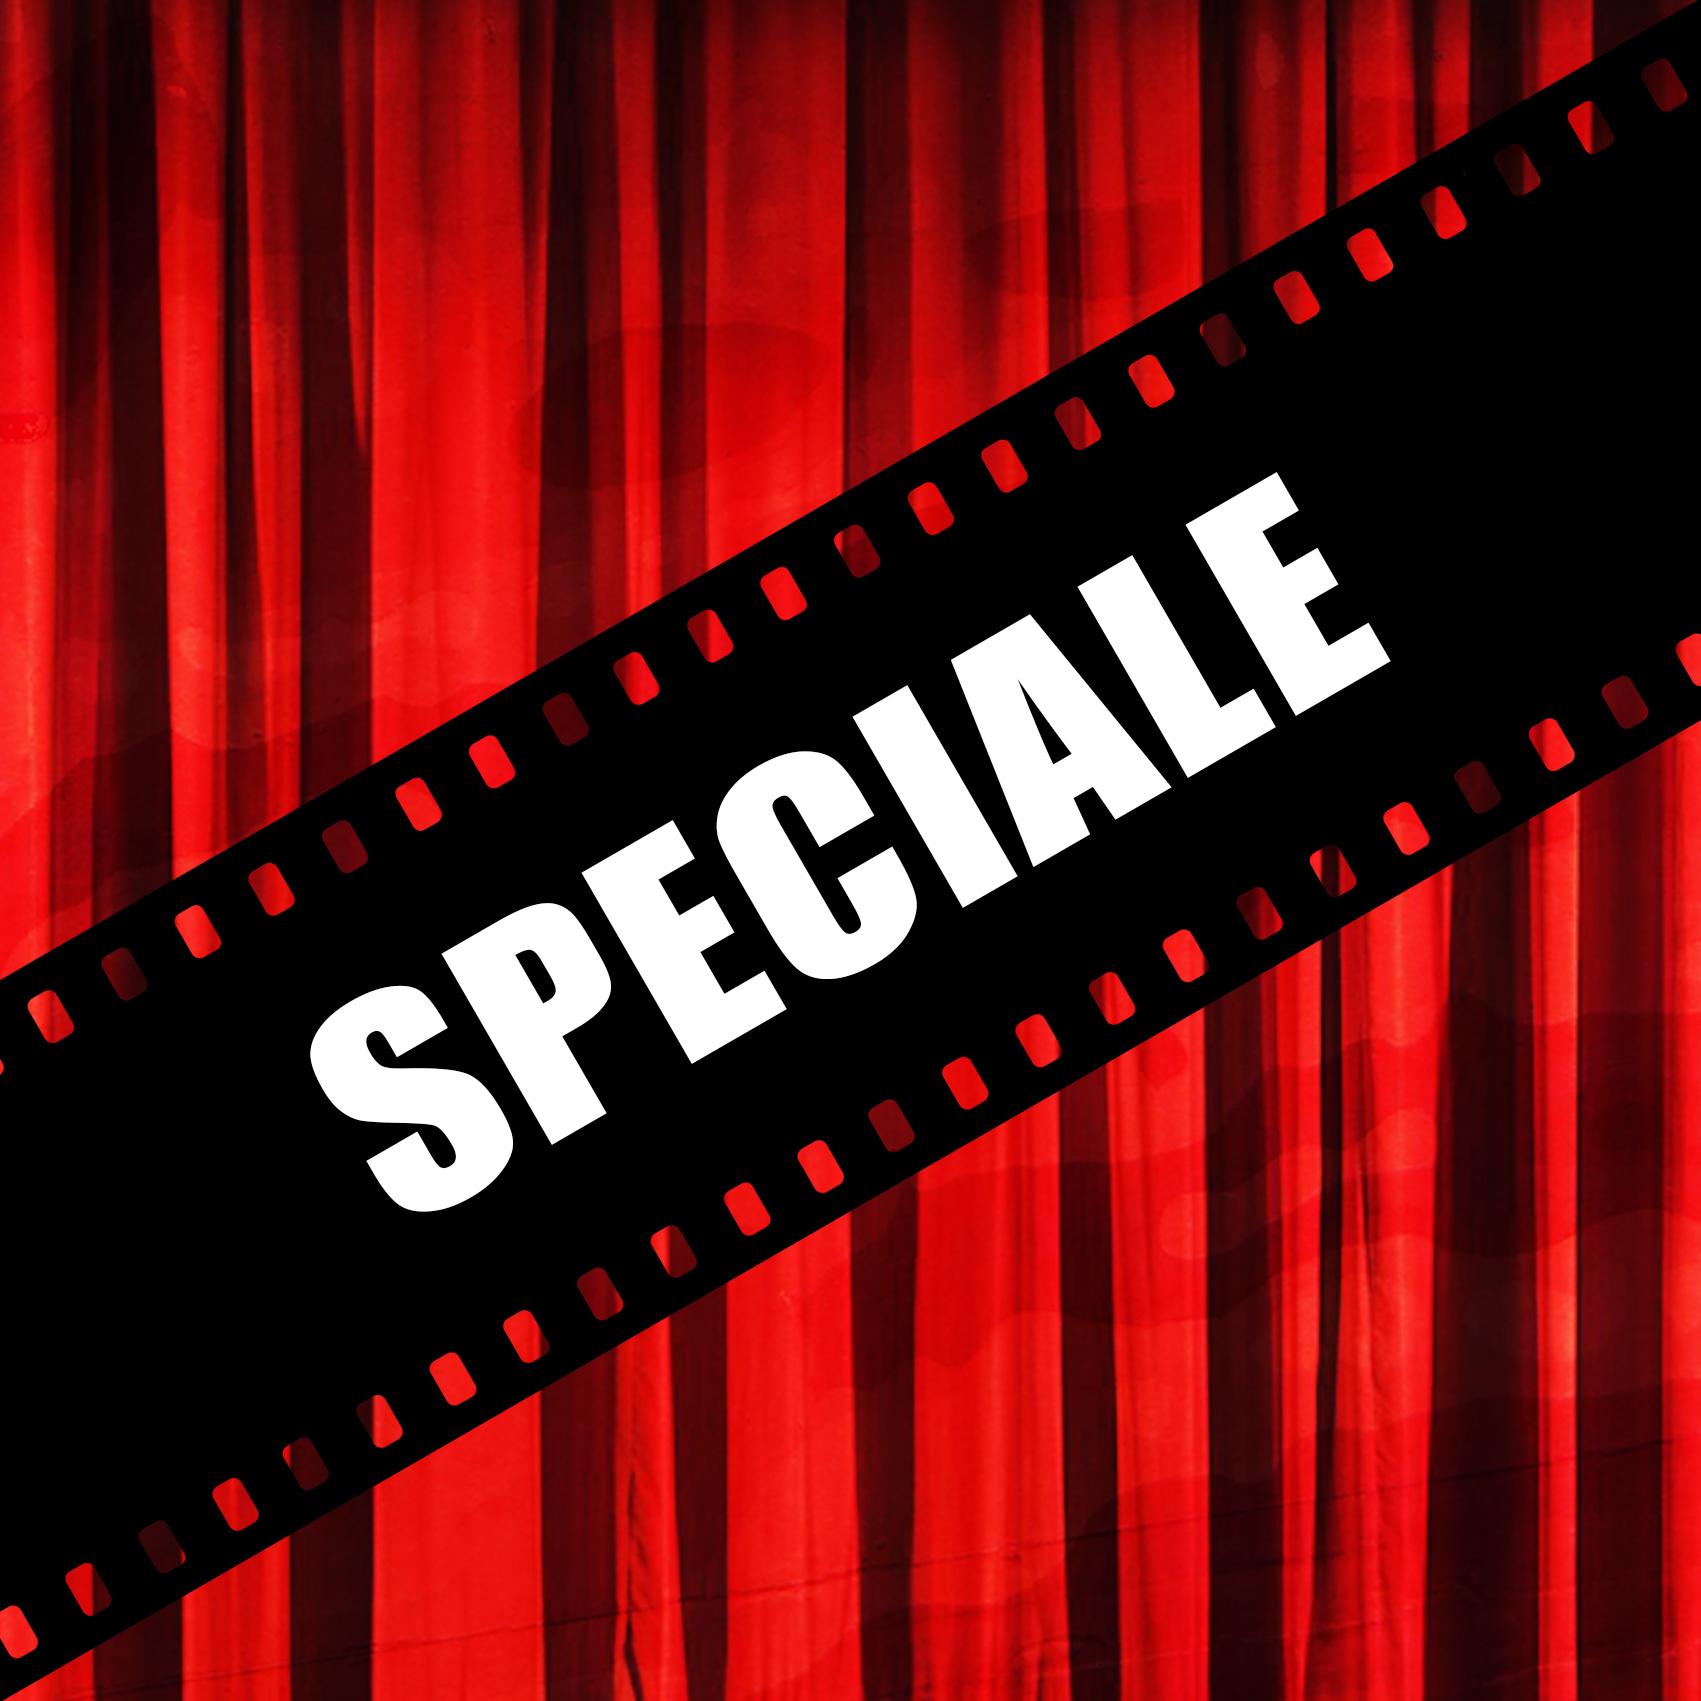 cinema-teatro-elios-carmagnola-speciale